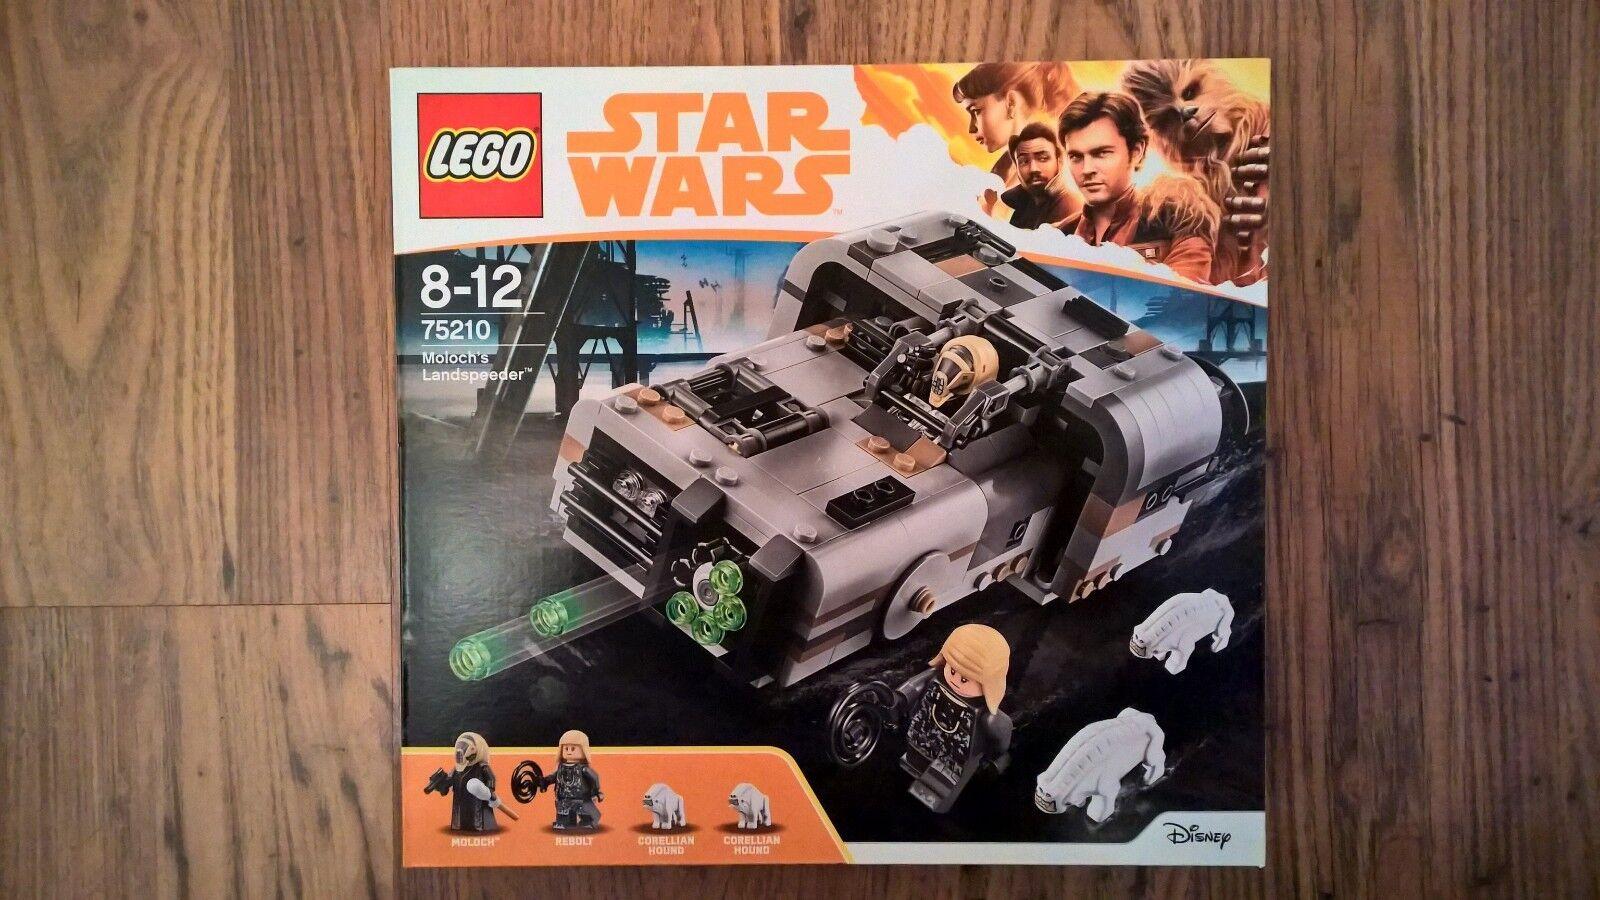 LEGO 75210 - MOLOCHS LANDSPEEDER - STAR WARS - BRAND NEW   SEALED